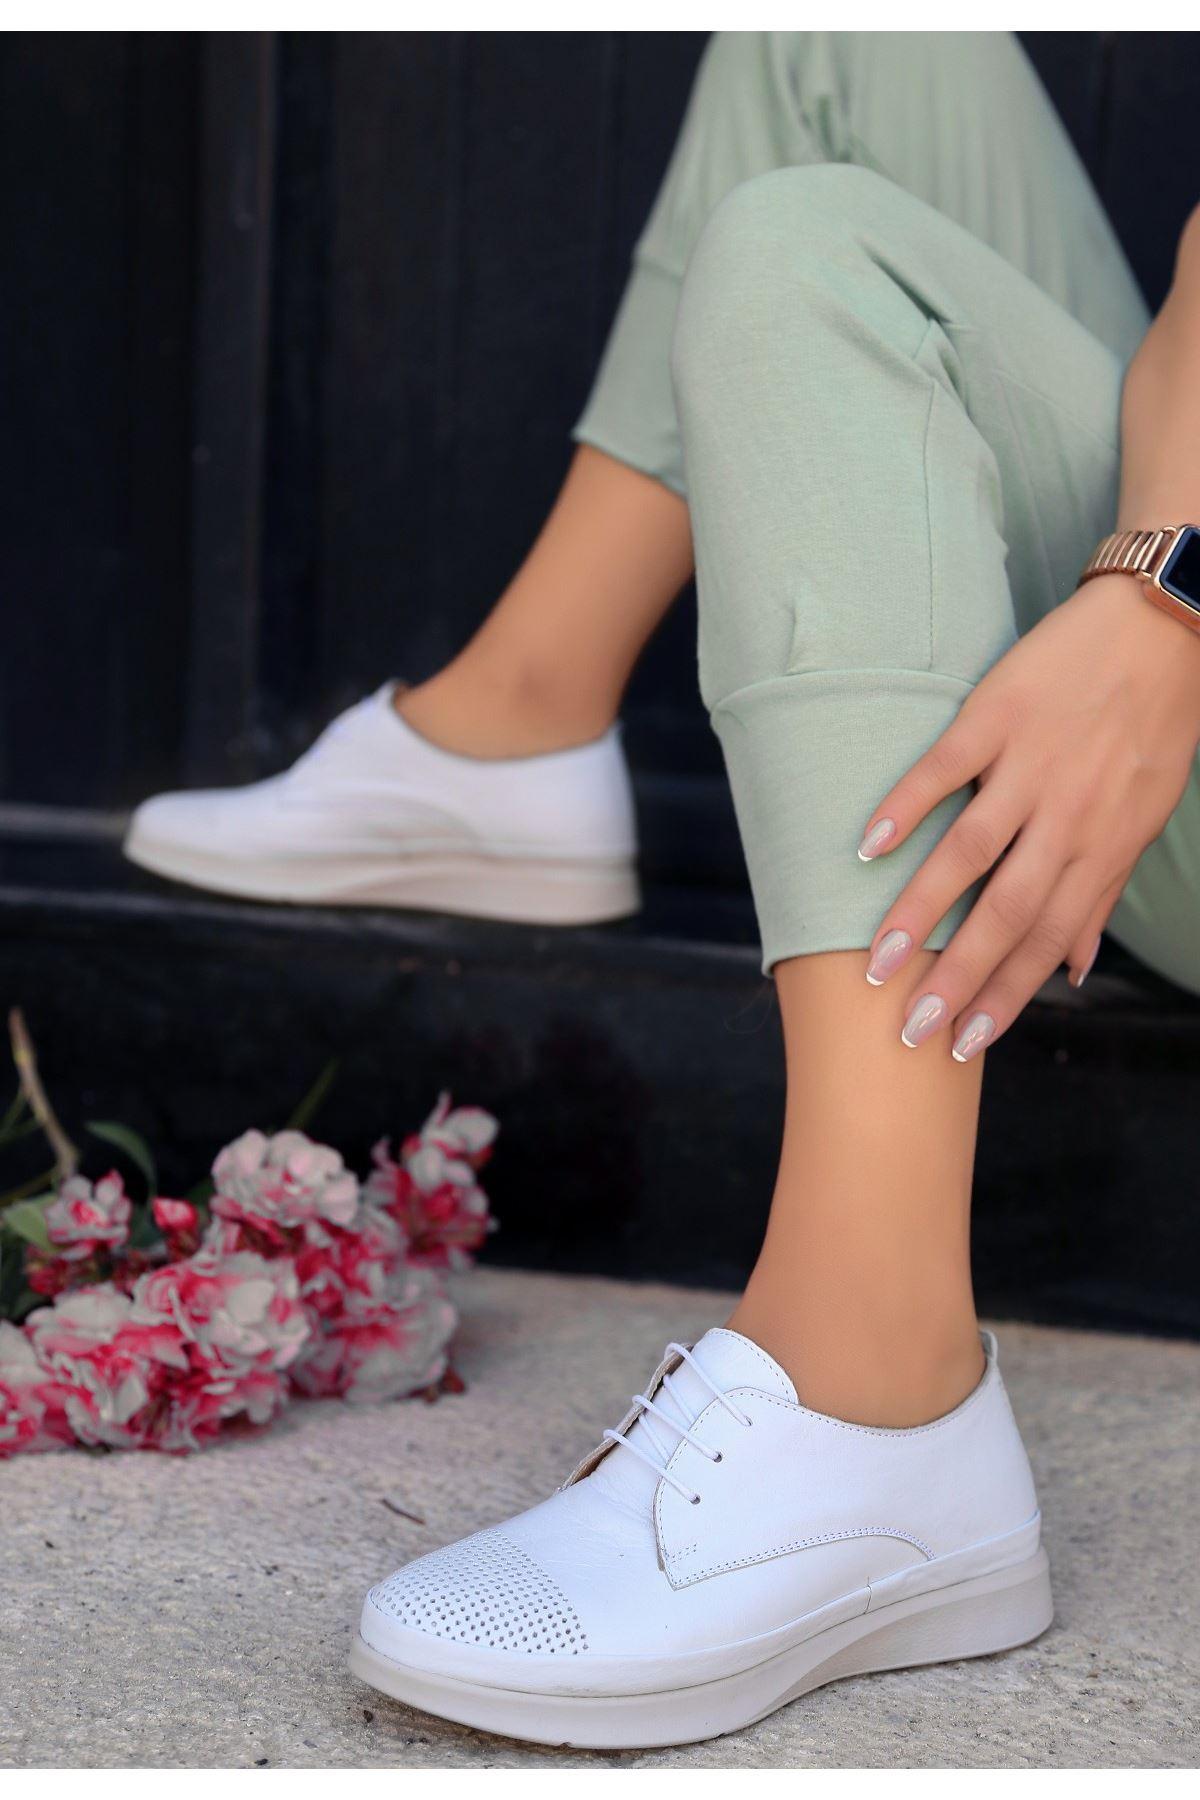 Ries Beyaz Deri Bağcıklı Babet Ayakkabı